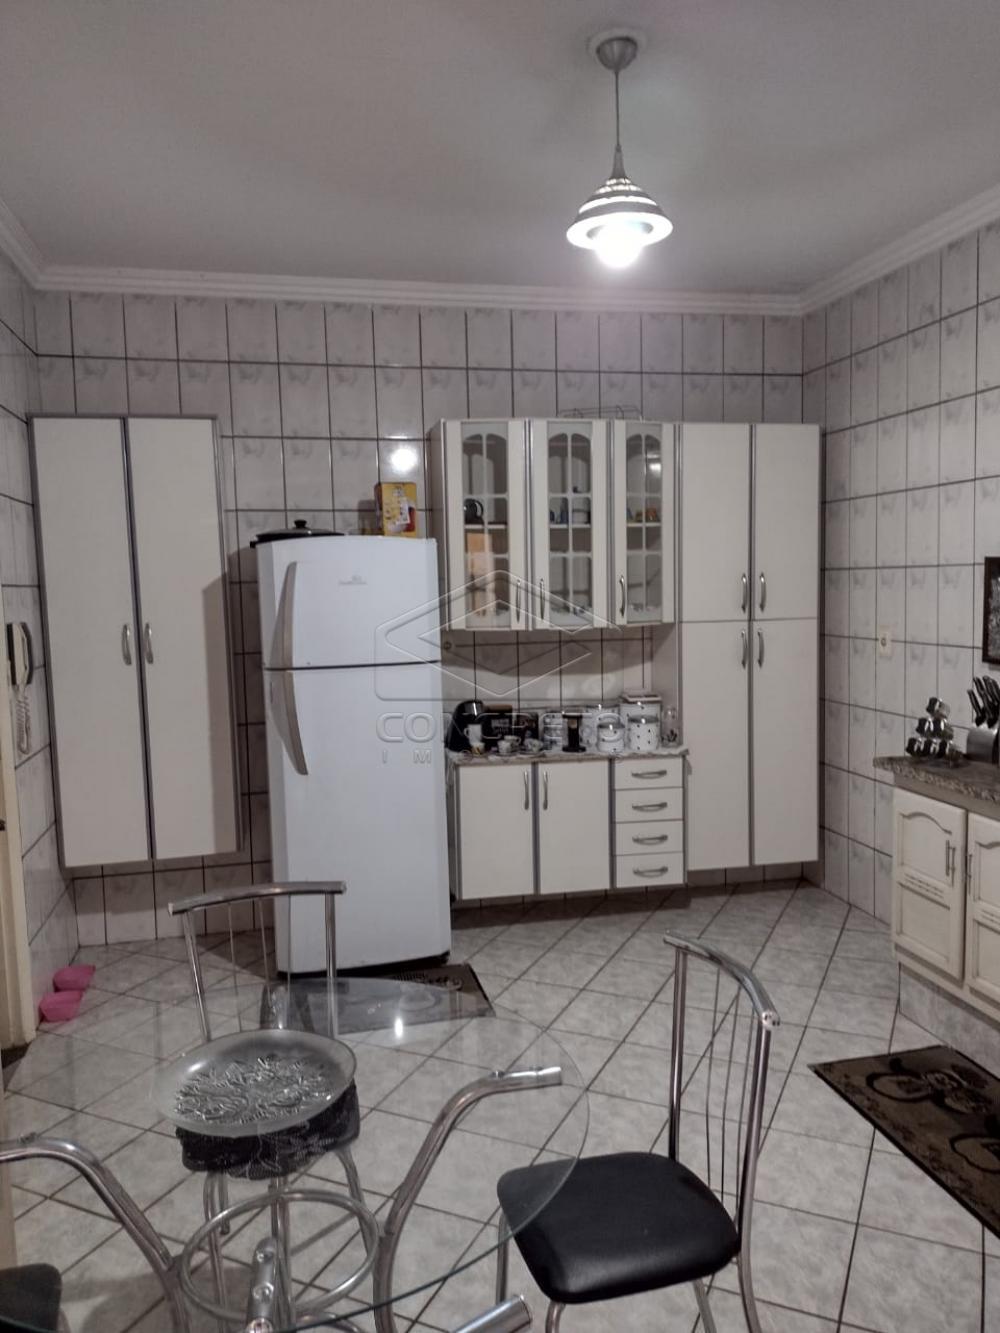 Comprar Casa / Padrão em Bauru apenas R$ 280.000,00 - Foto 10